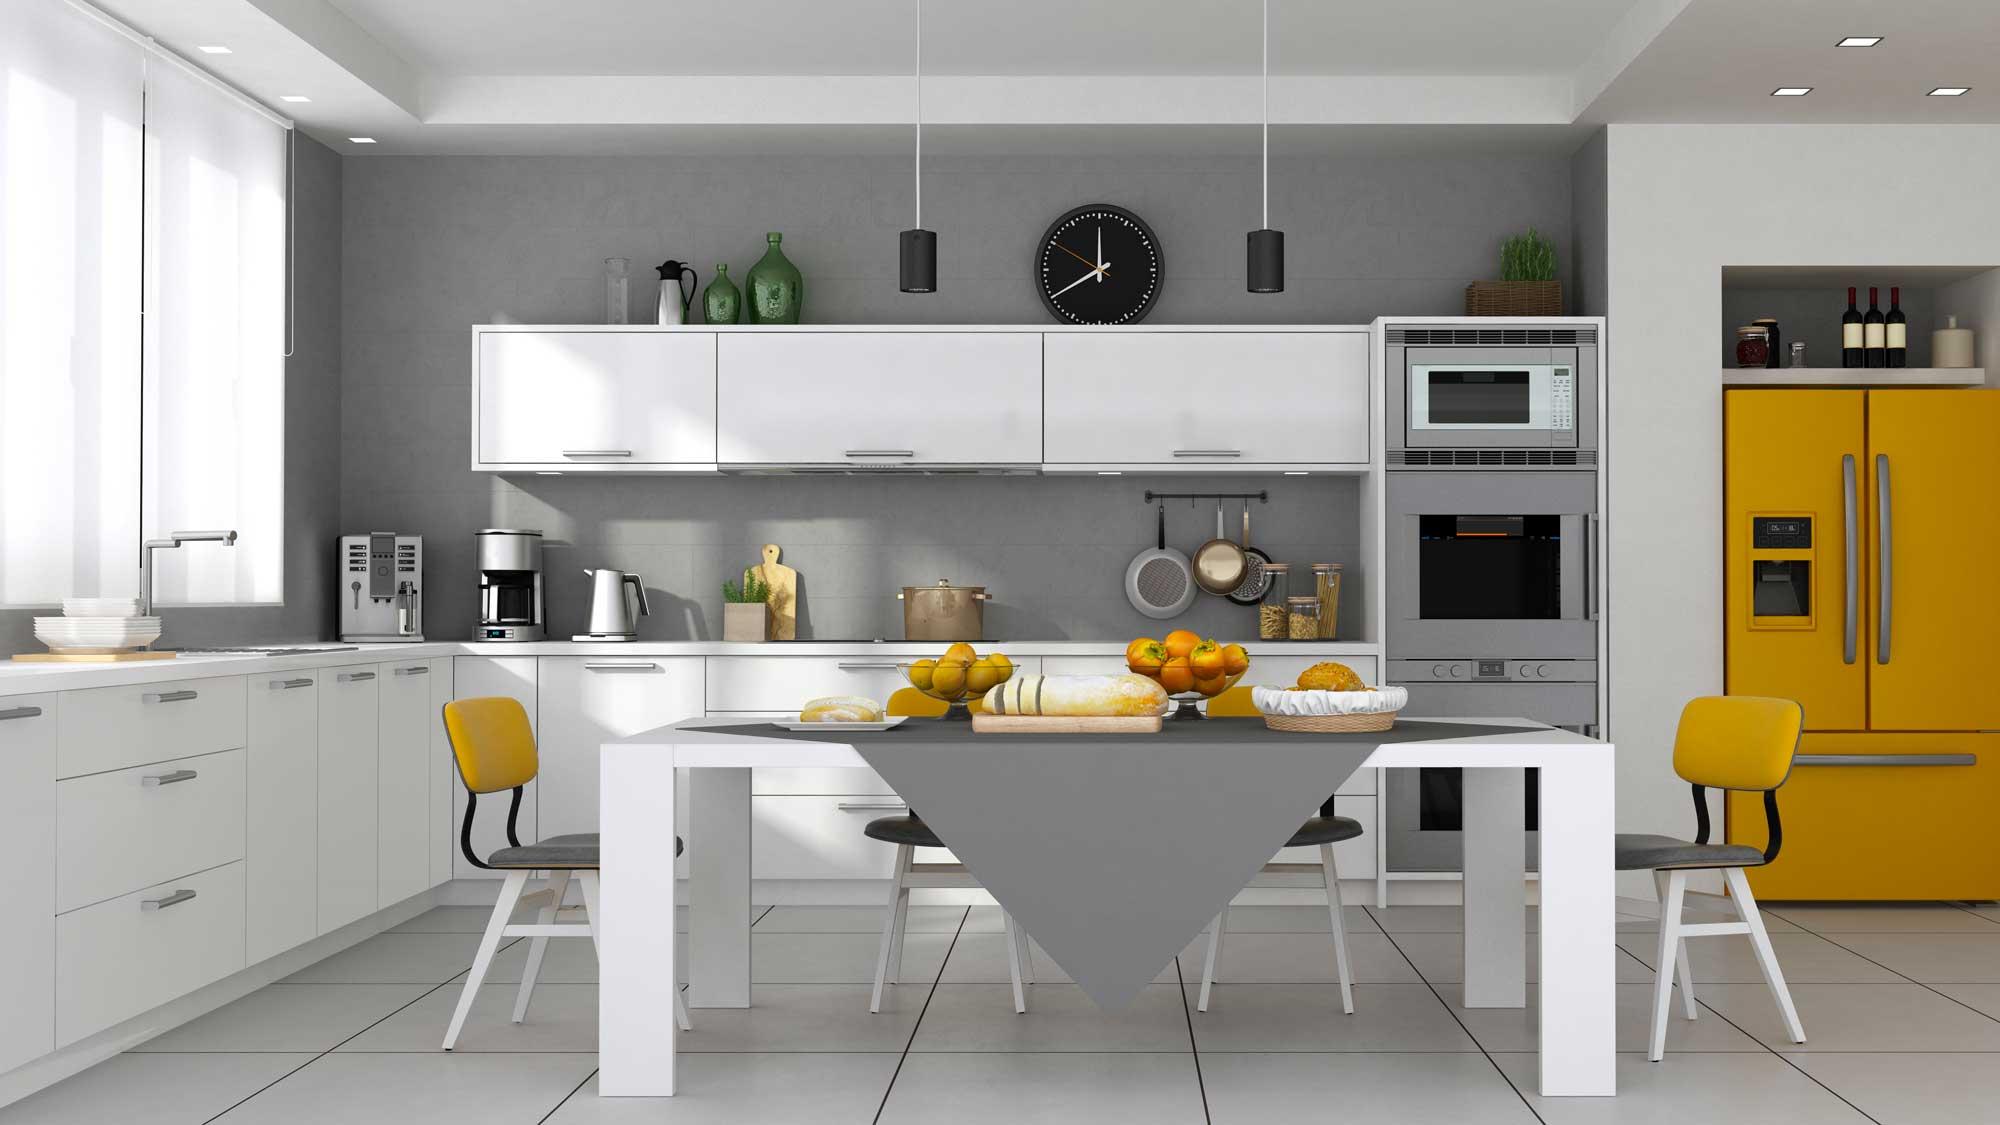 progetto cucina 3d rendering